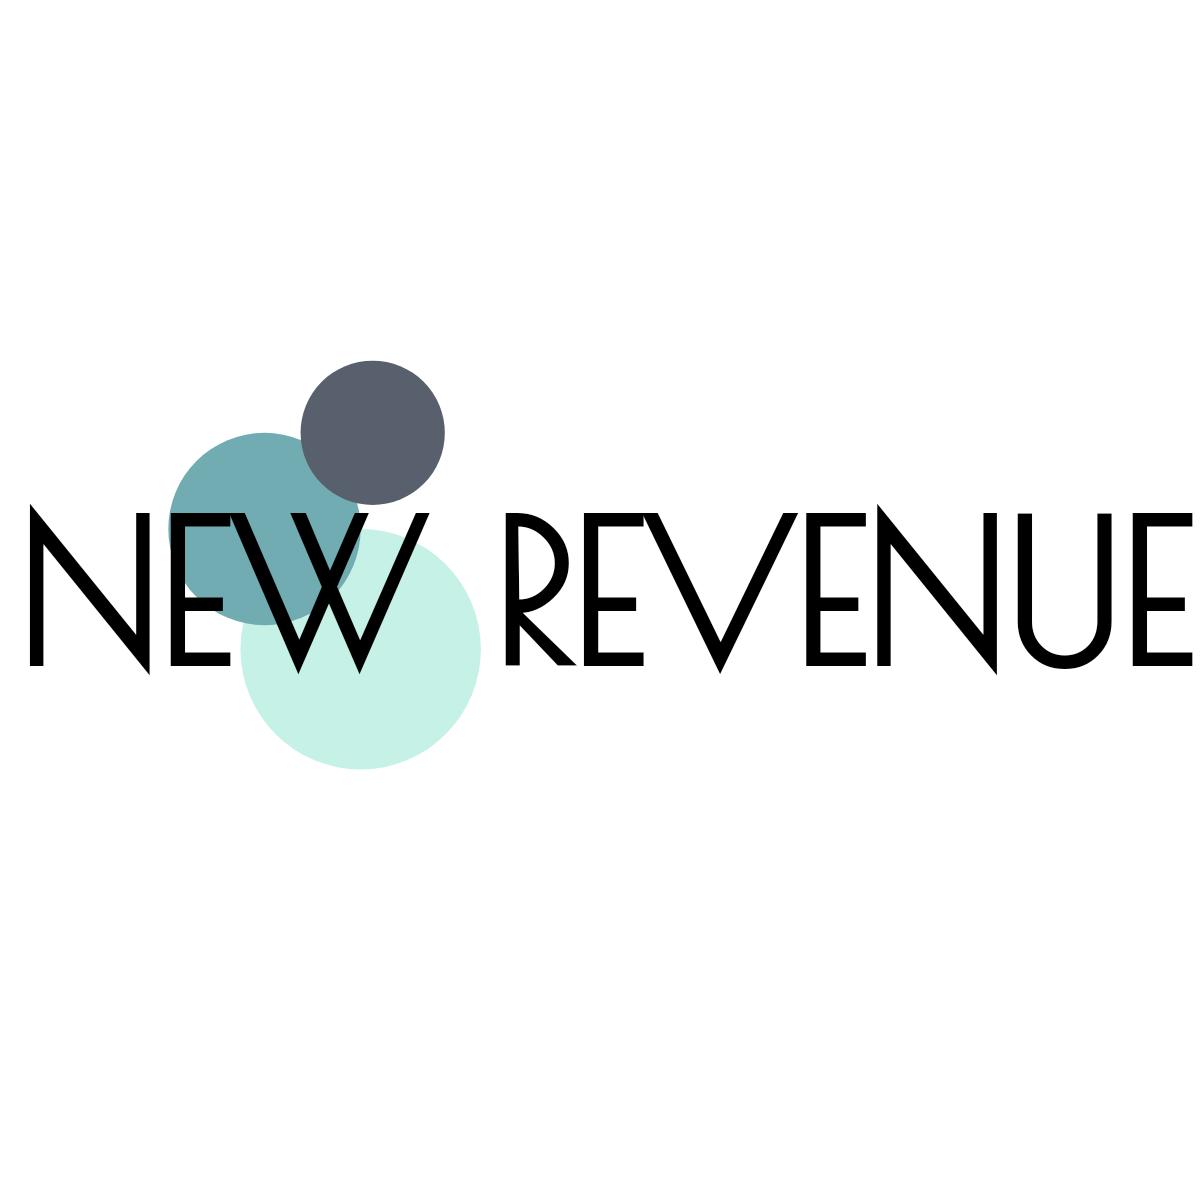 New Revenue Consulting LLC